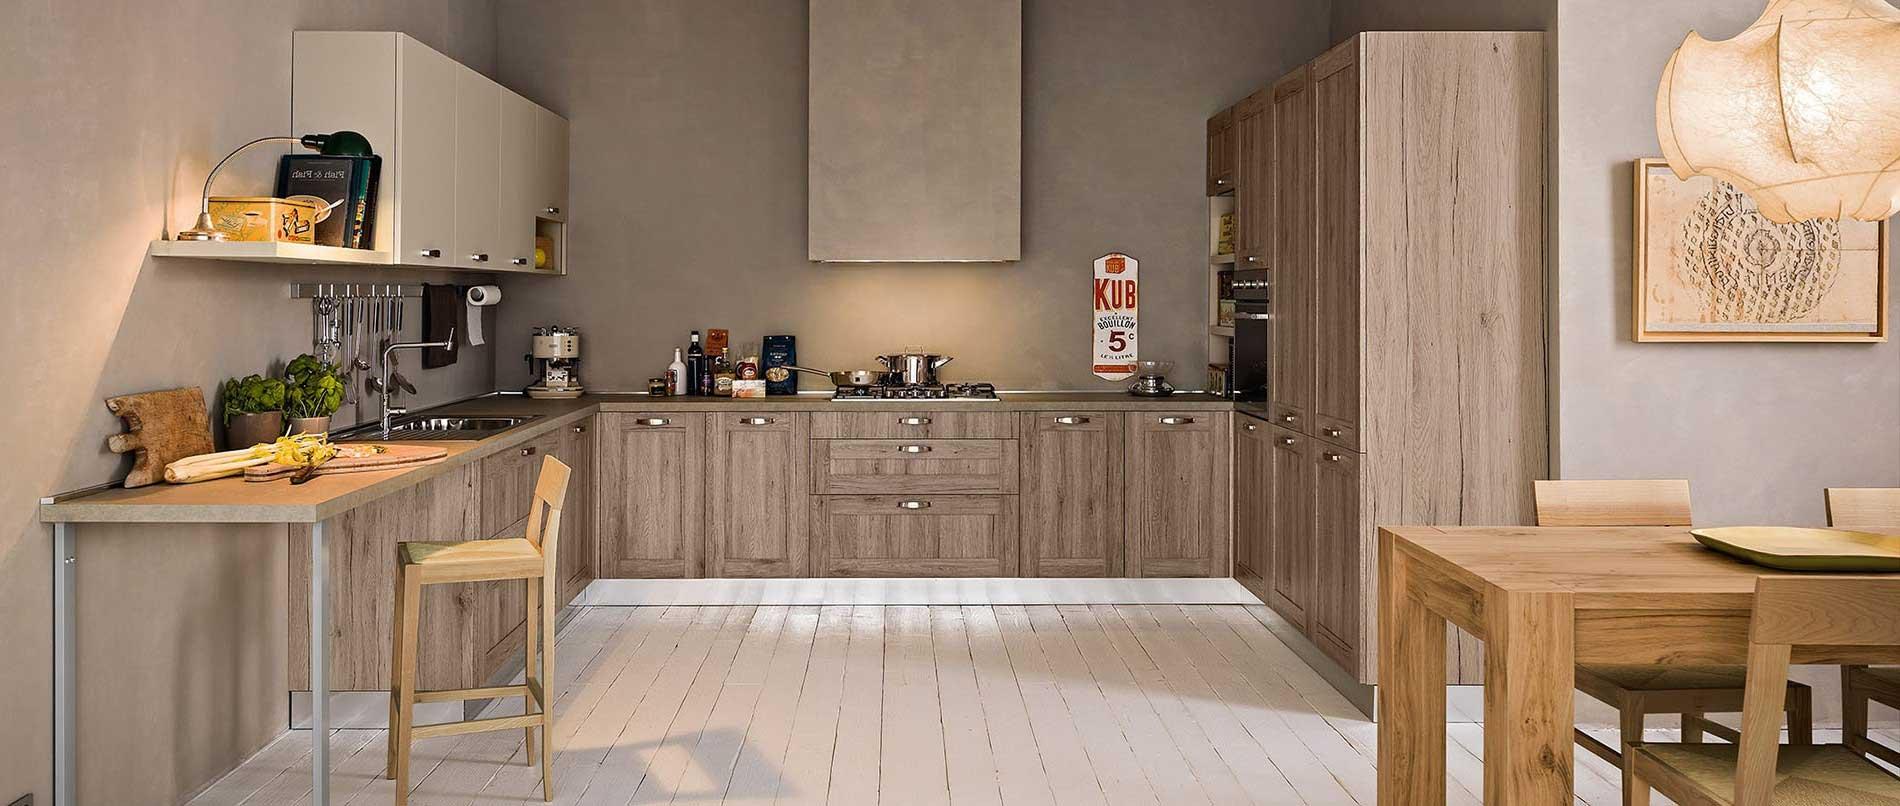 Cuisine moderne et chaleureuse avec un esprit loft et urbain par le choix des matières brutes et de son espace de travail. Façades effet chêne bronze.